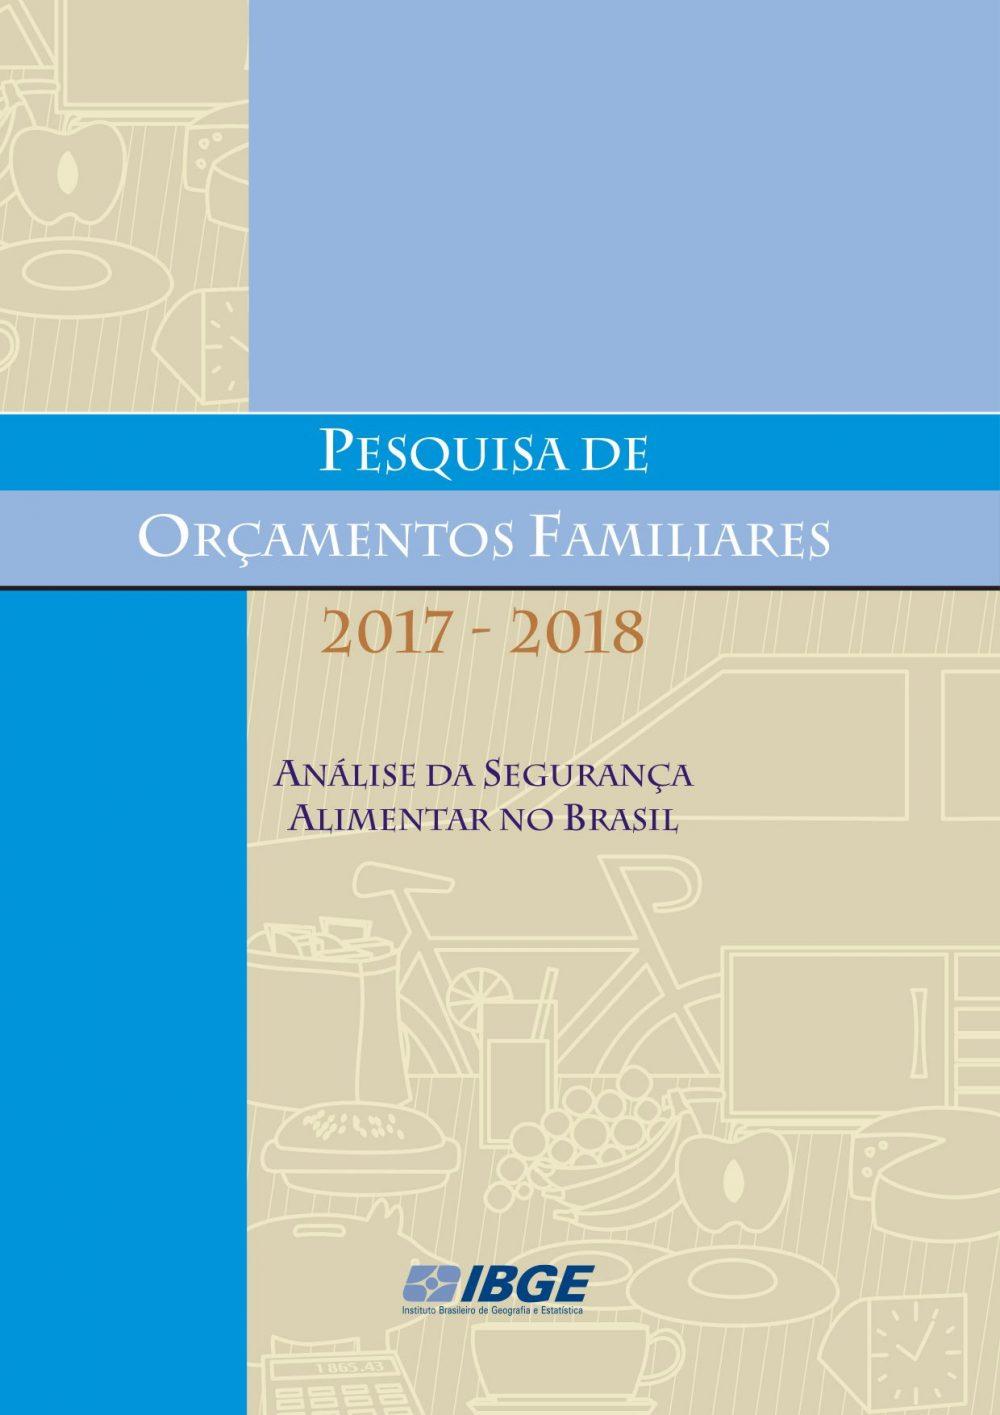 A redução da segurança alimentar e a retomada da Fome no Brasil